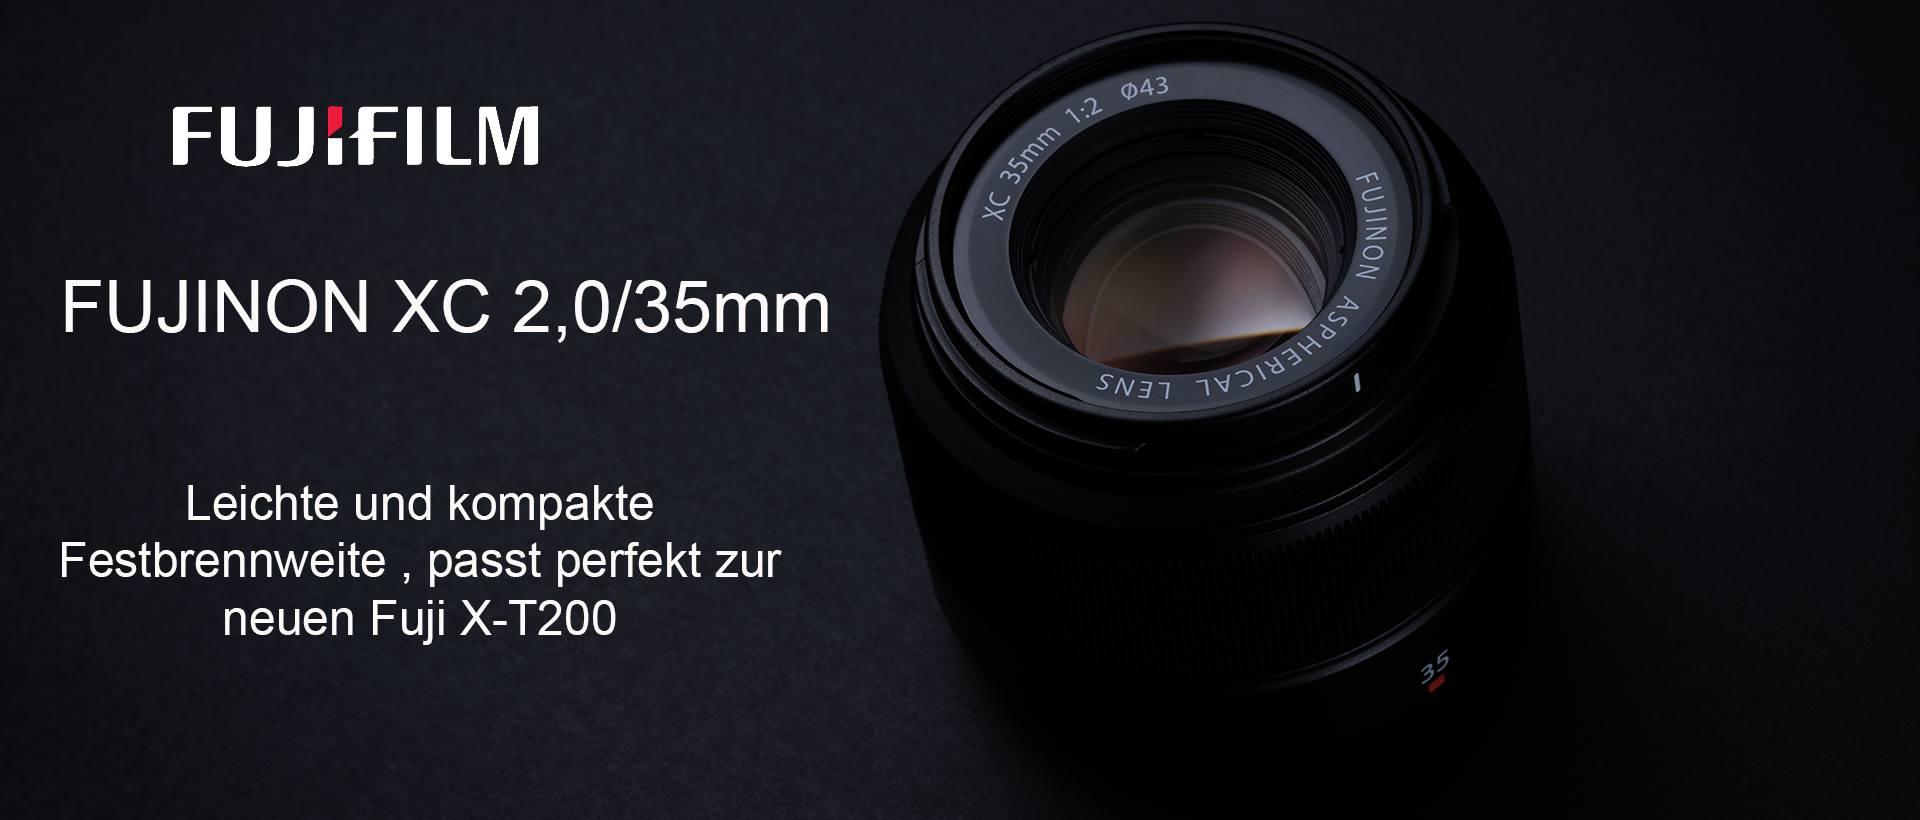 Fujinon XC 2,0/35mm Neu